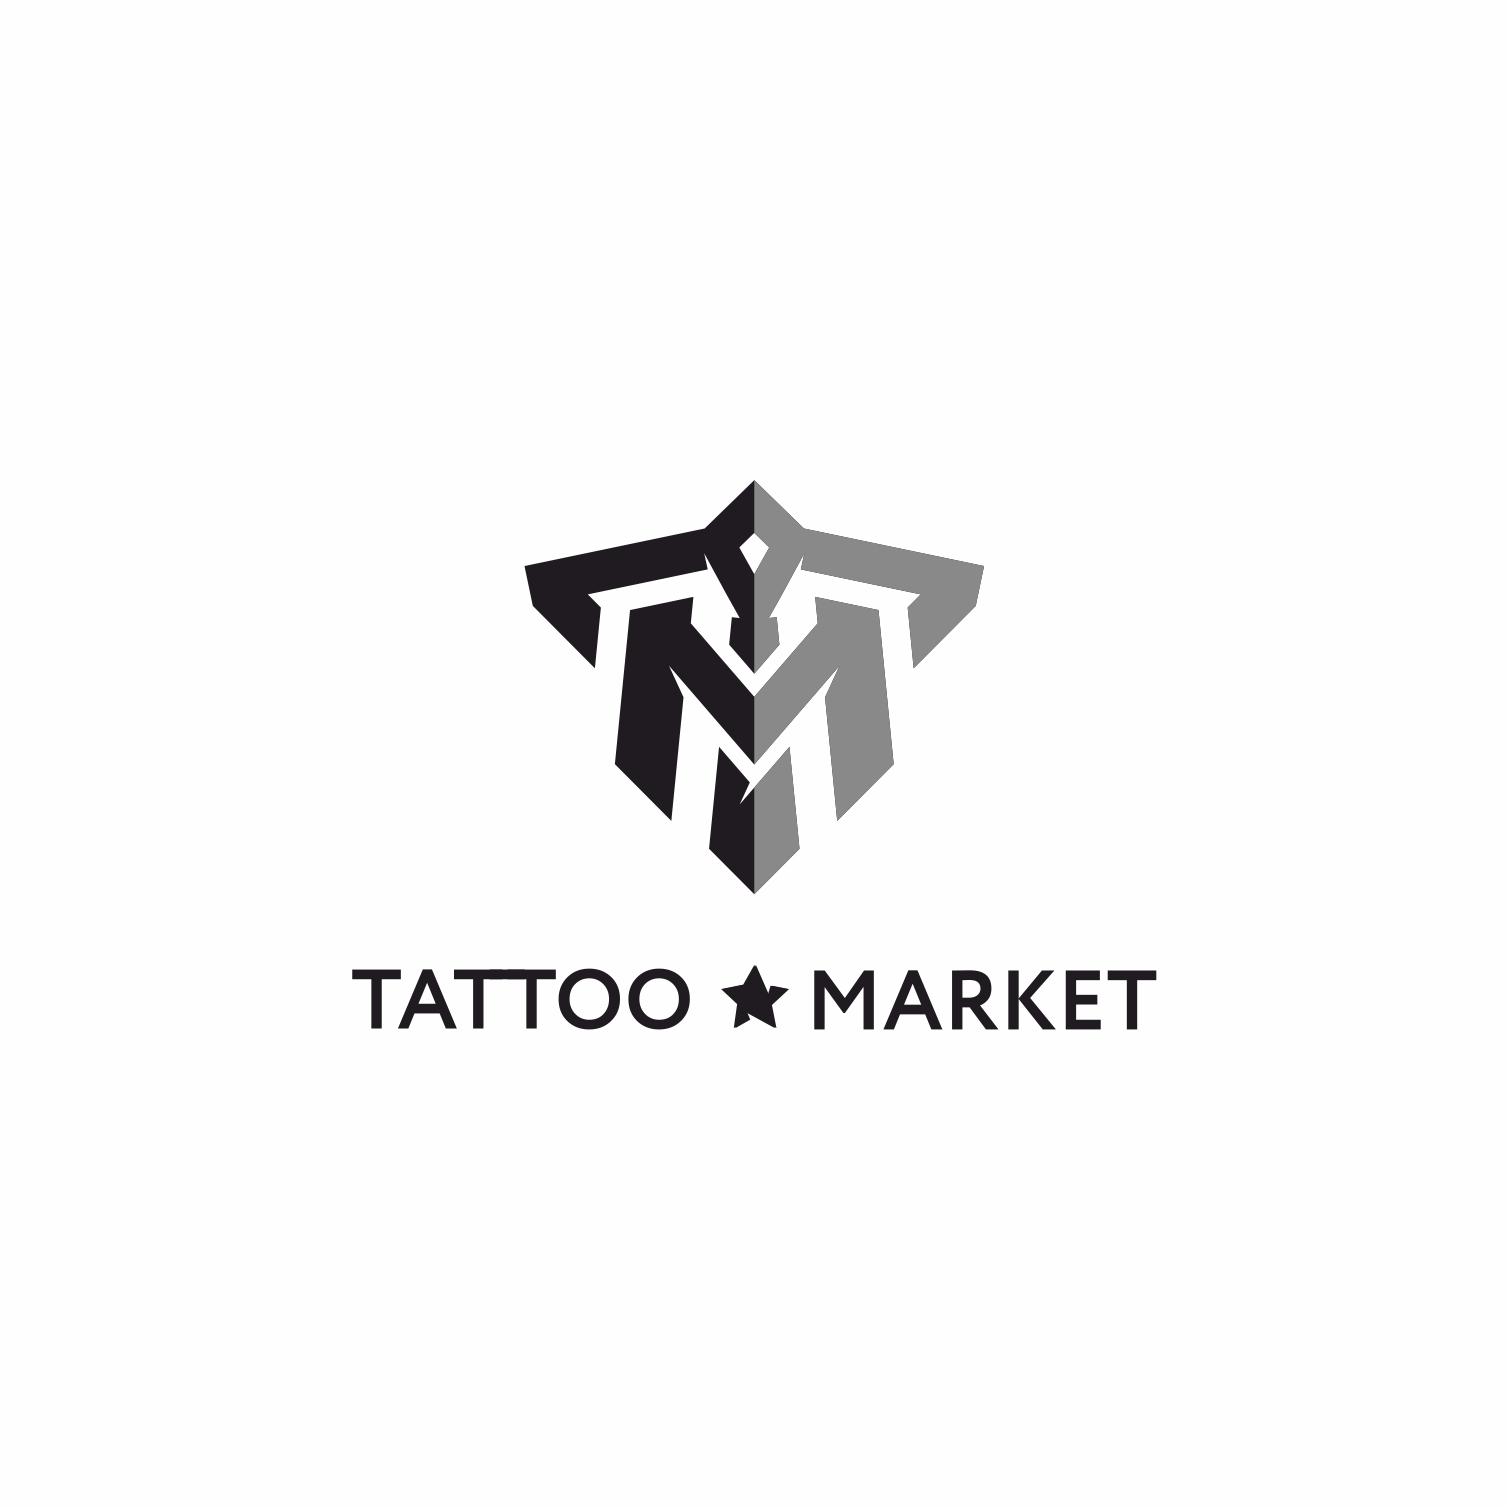 Редизайн логотипа магазина тату оборудования TattooMarket.ru фото f_0205c4403ea1ee5e.jpg